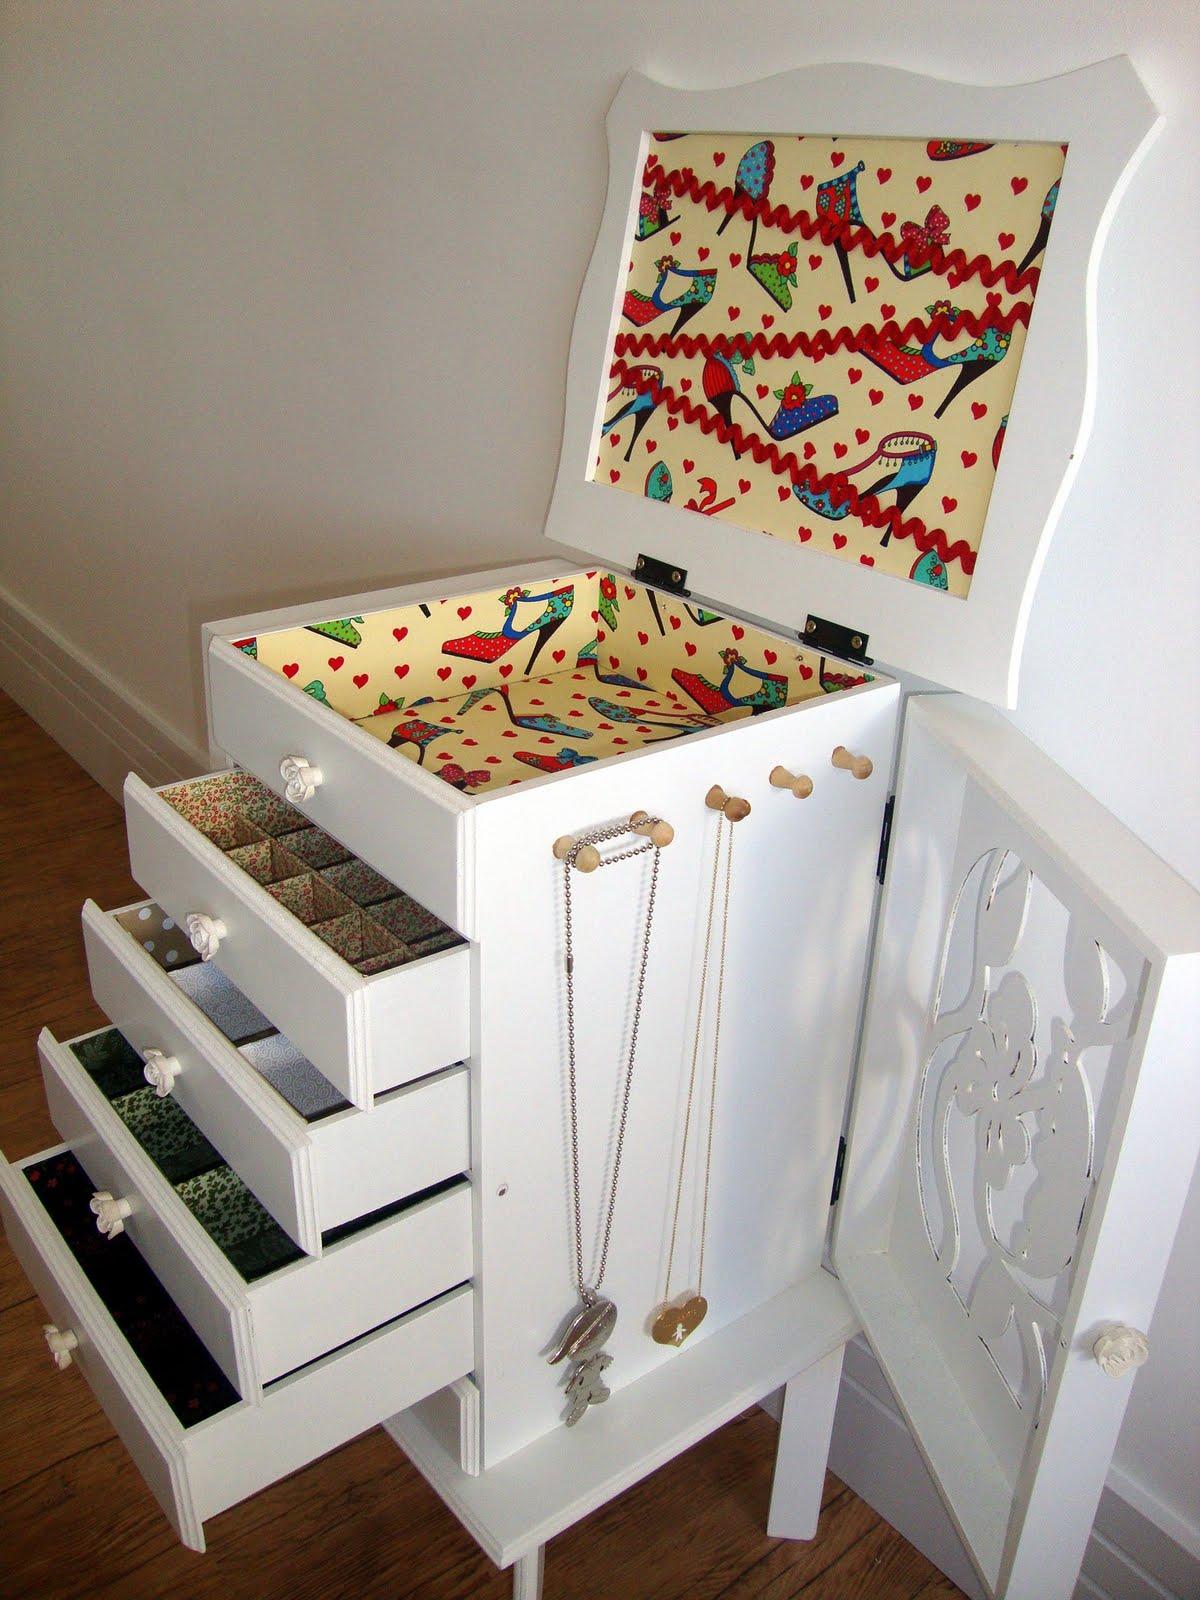 Móvel em MDF com gavetas e divisórias forradas de tecido #723026 1200x1600